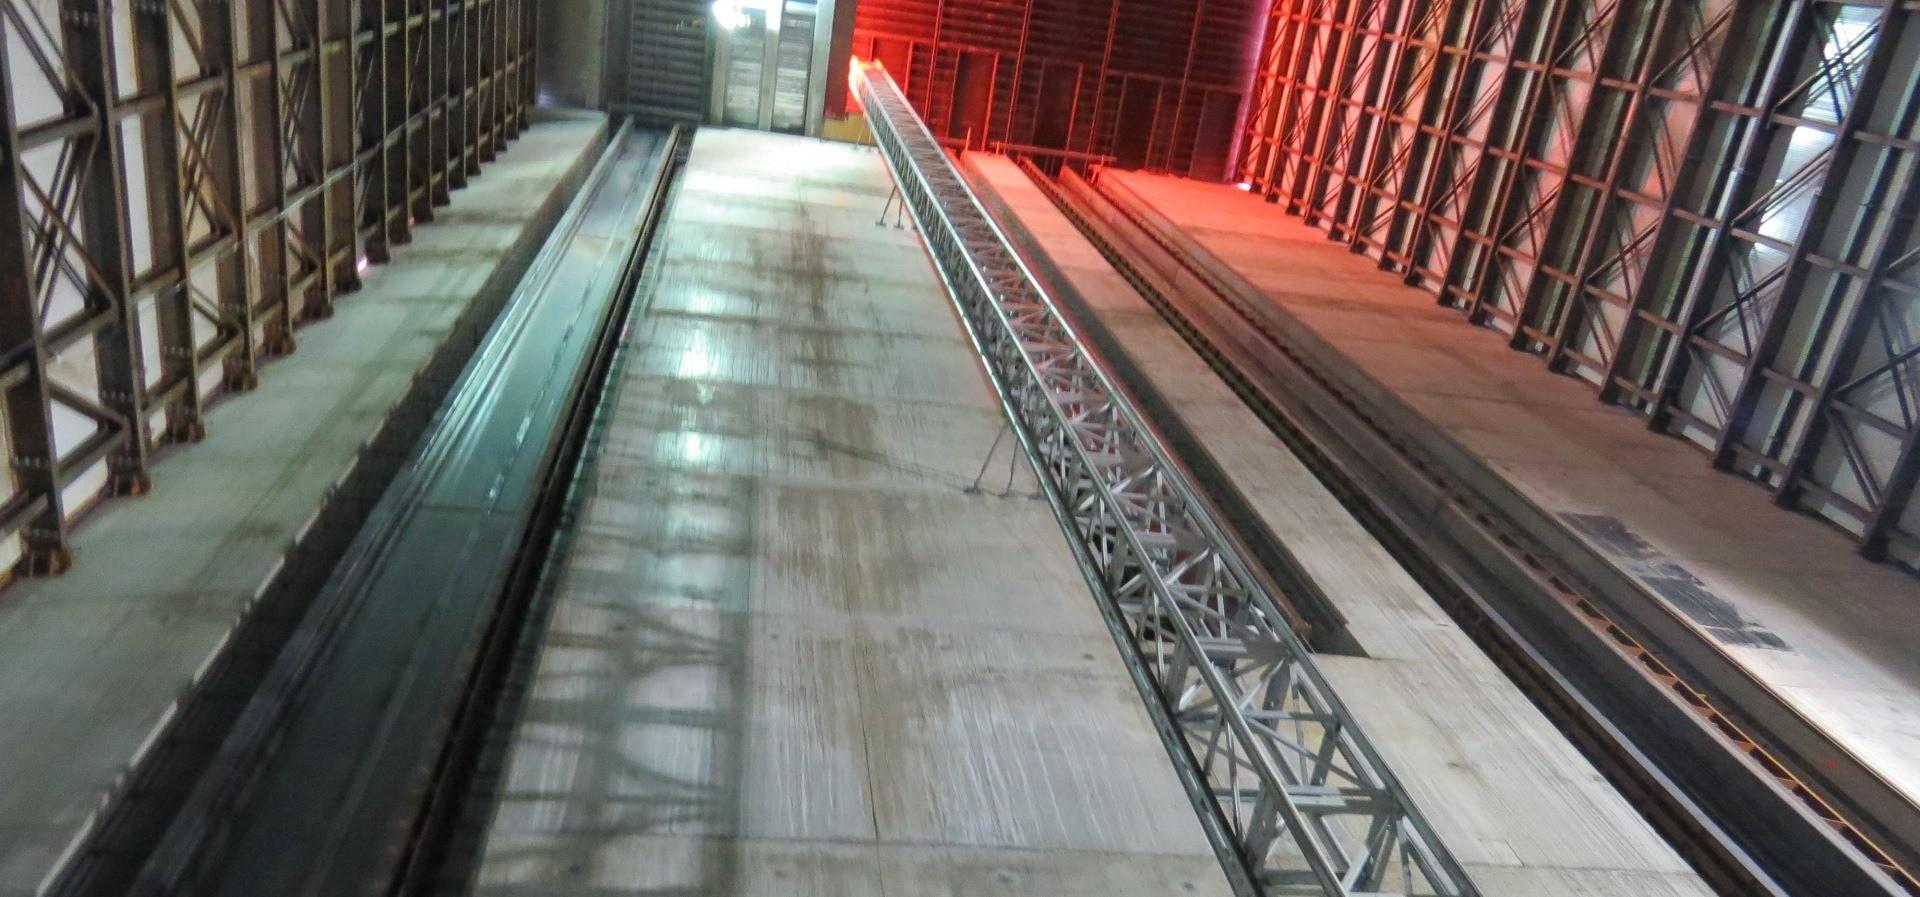 Spillway Interior